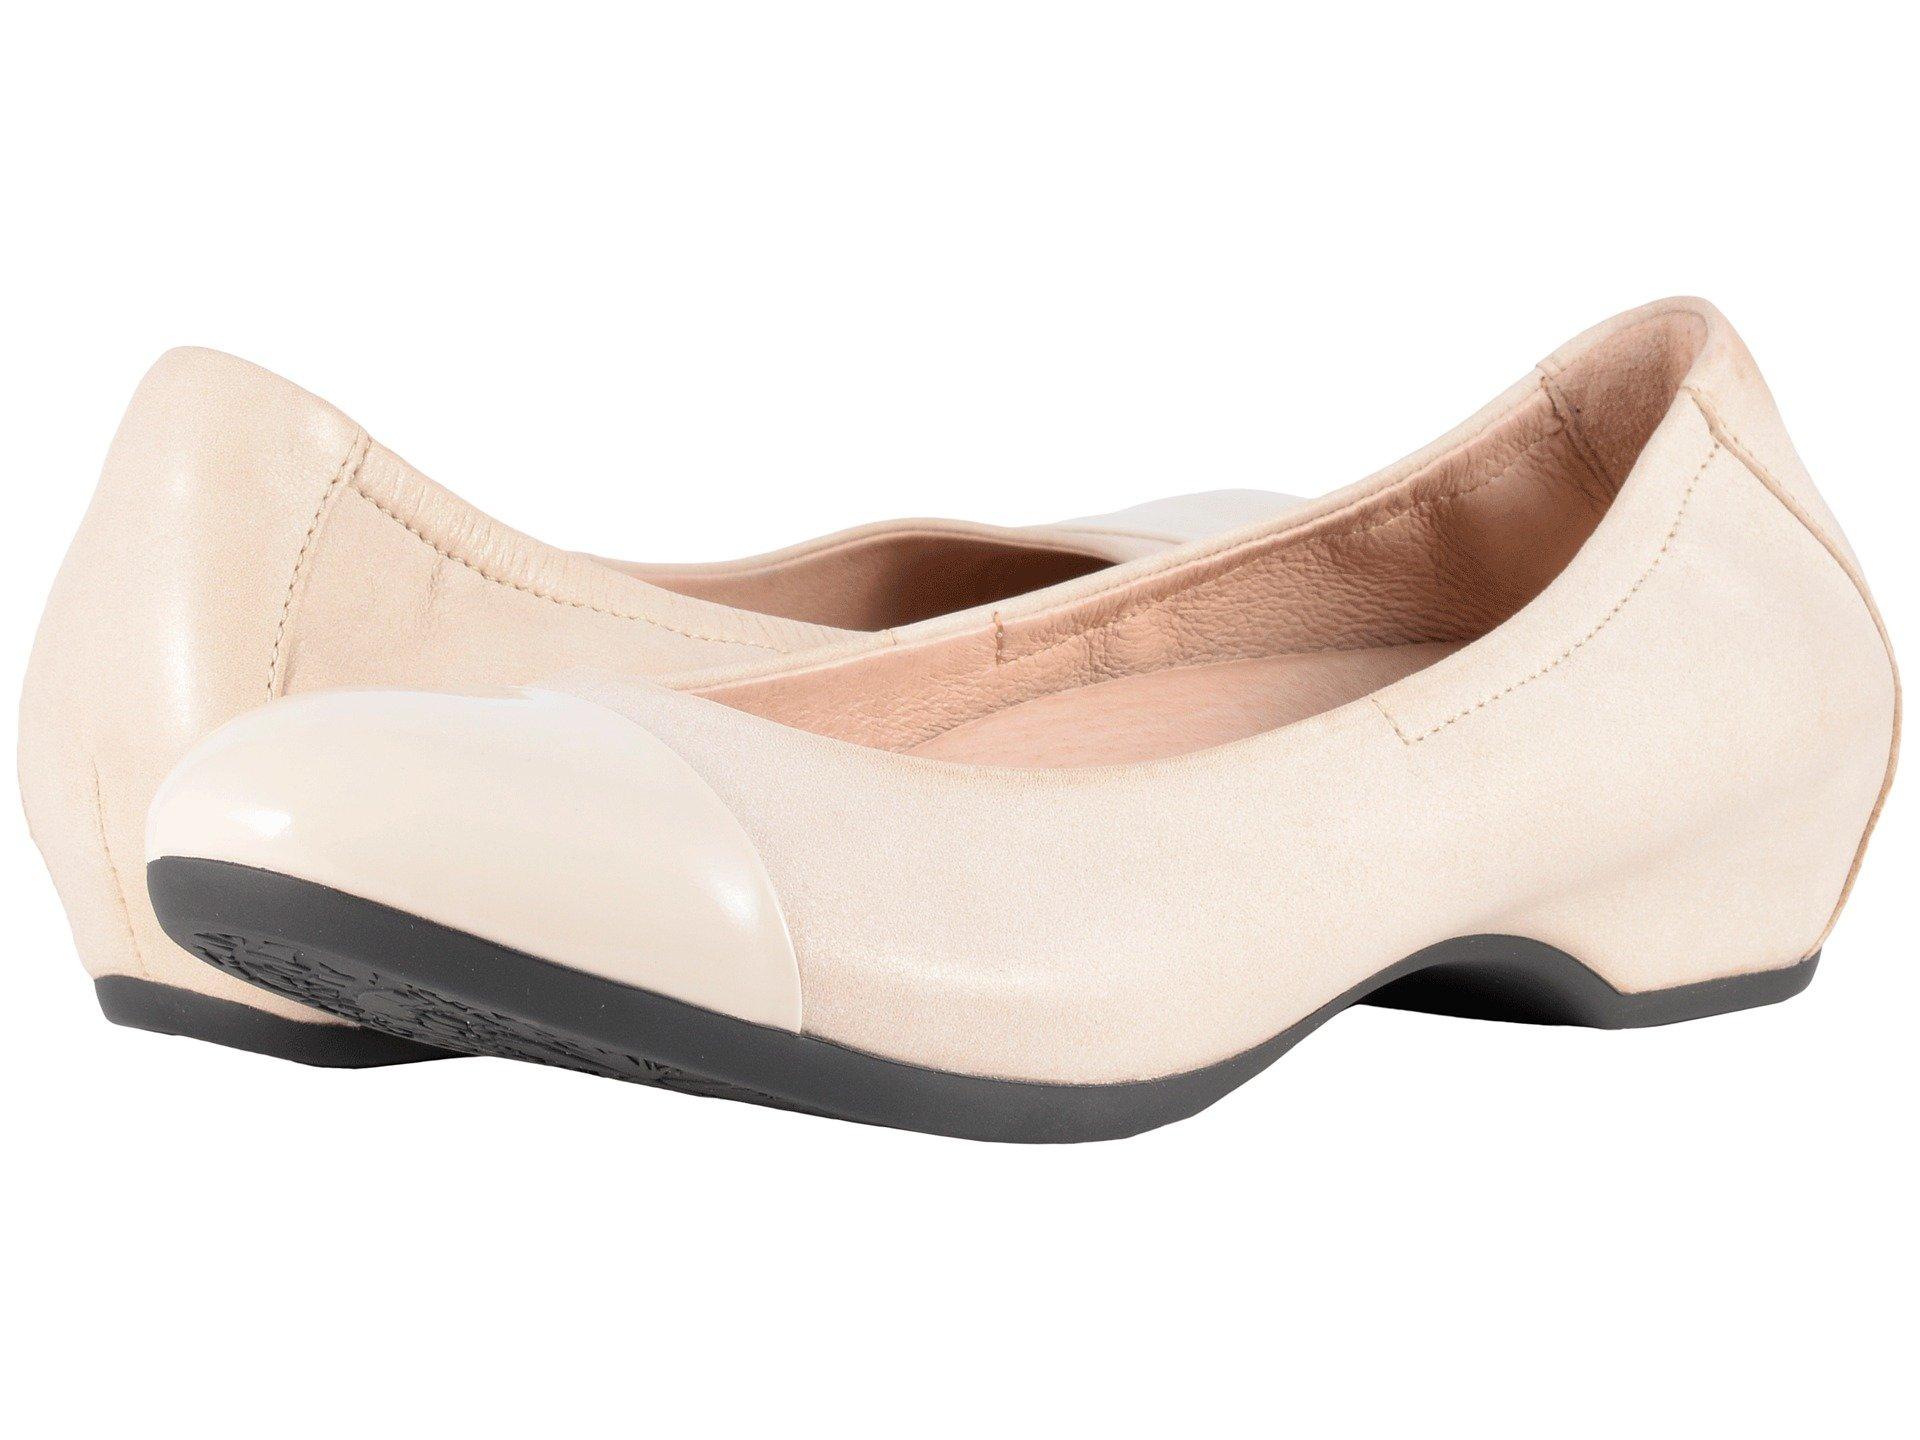 Dansko Women's Lisanne Ballet Flat